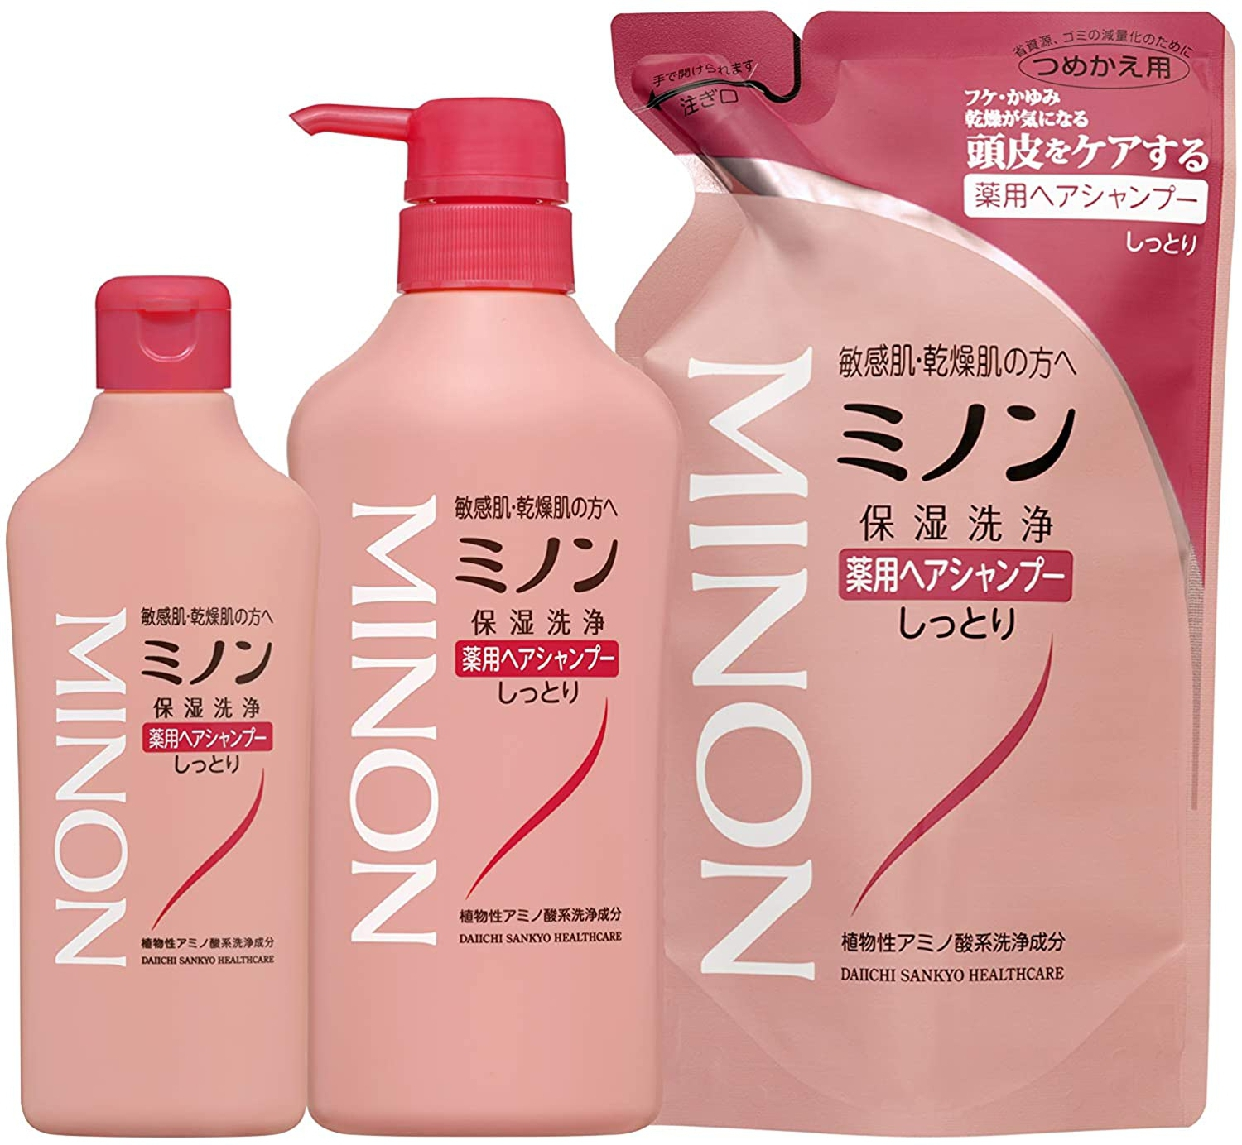 MINON(ミノン)薬用ヘアシャンプーの商品画像12